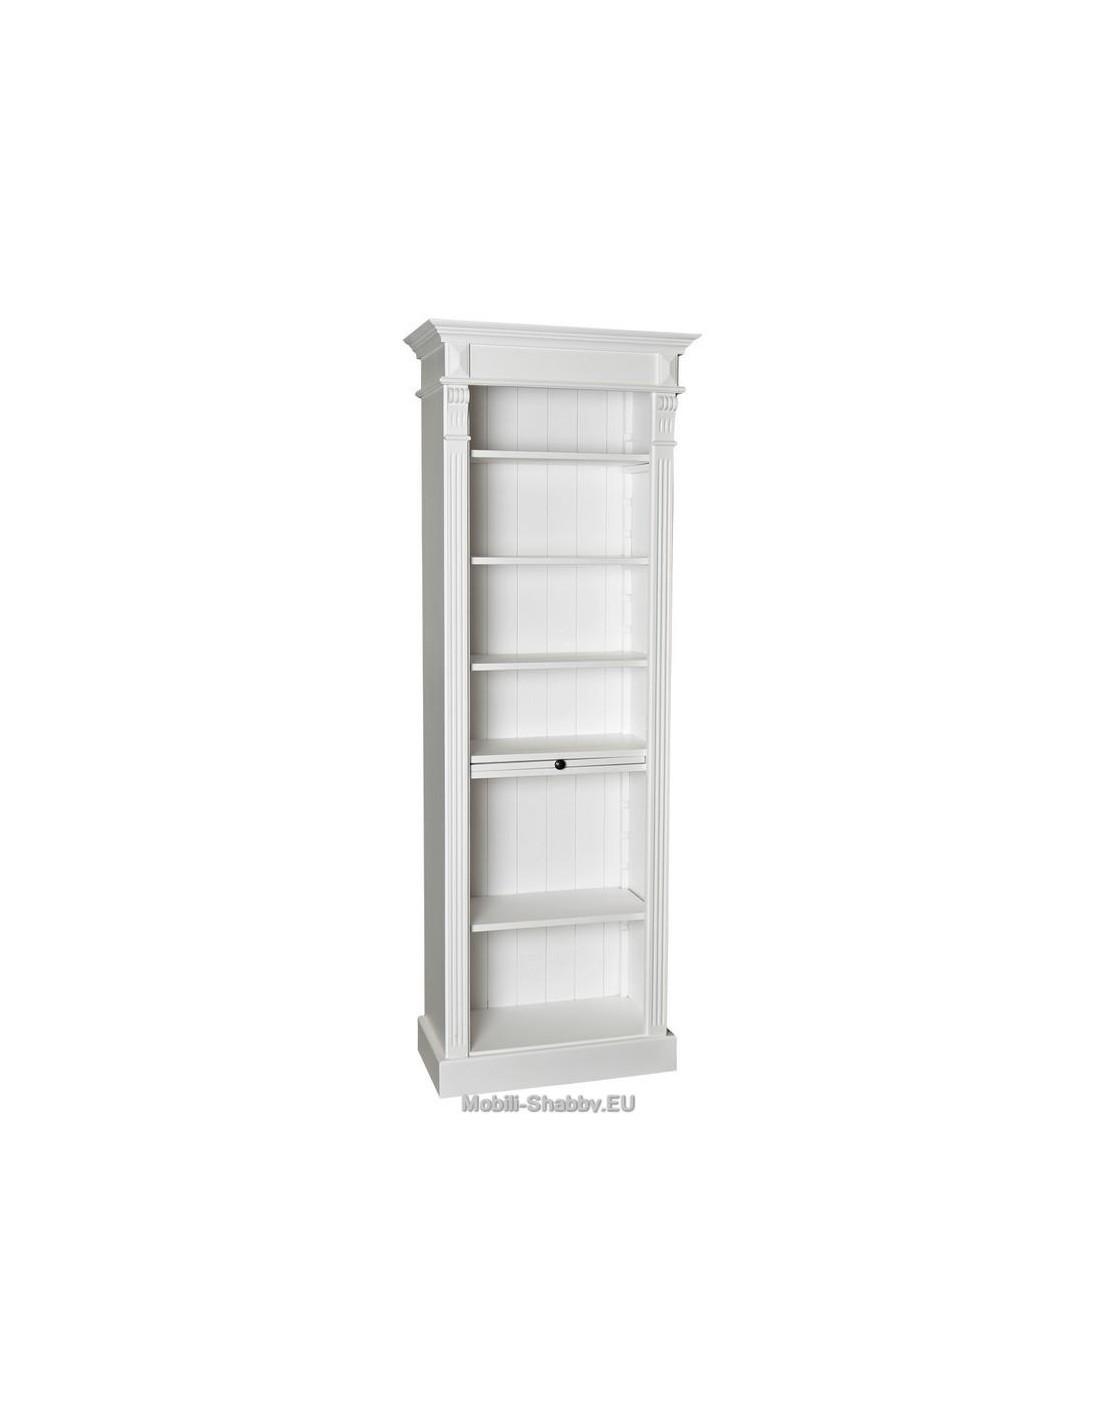 libreria aperta provenzale colorata ms161 mobili shabby eu by orissa. Black Bedroom Furniture Sets. Home Design Ideas